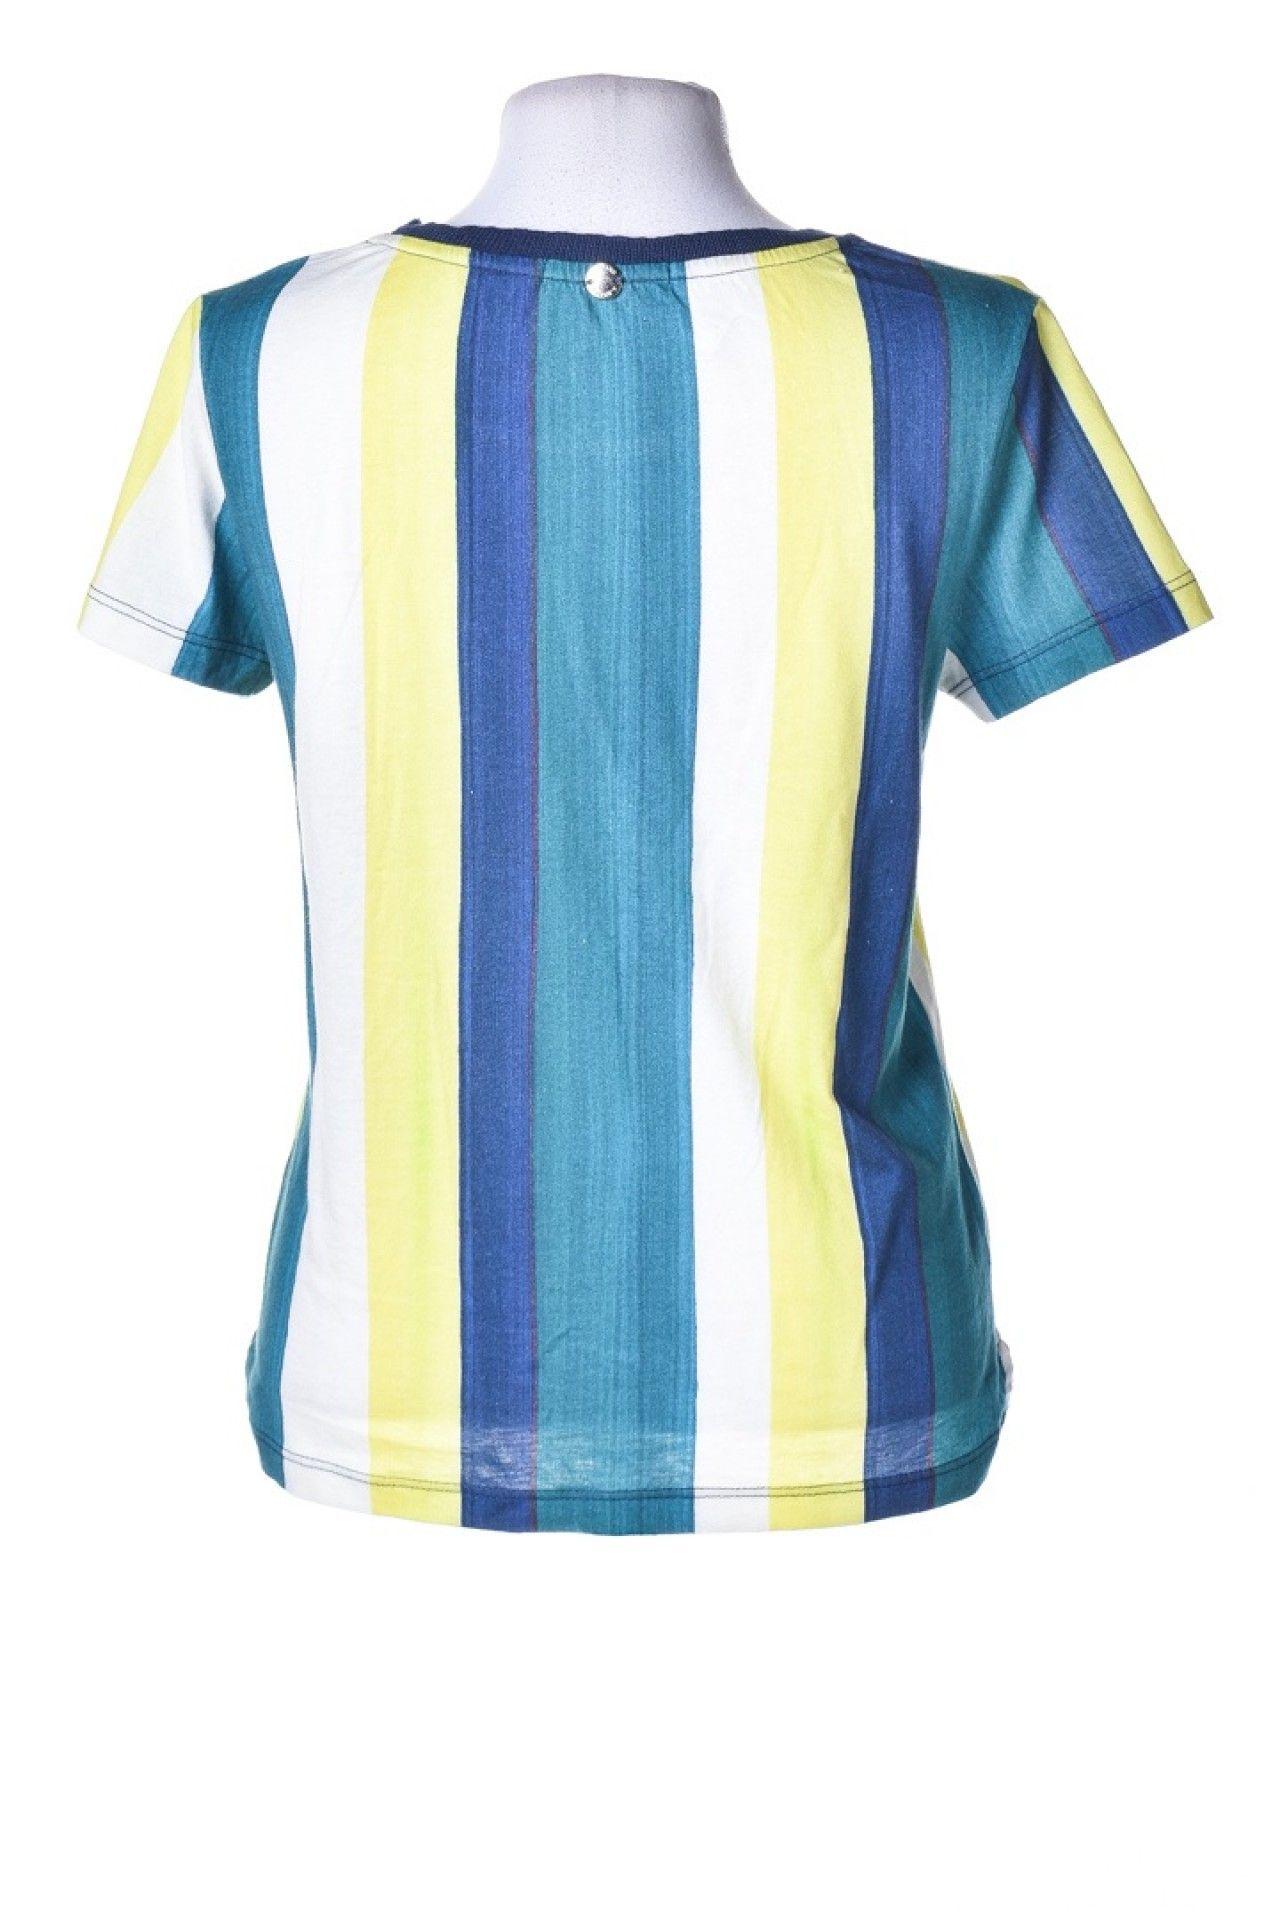 A.brand - Camiseta Color Estampada - Foto 2